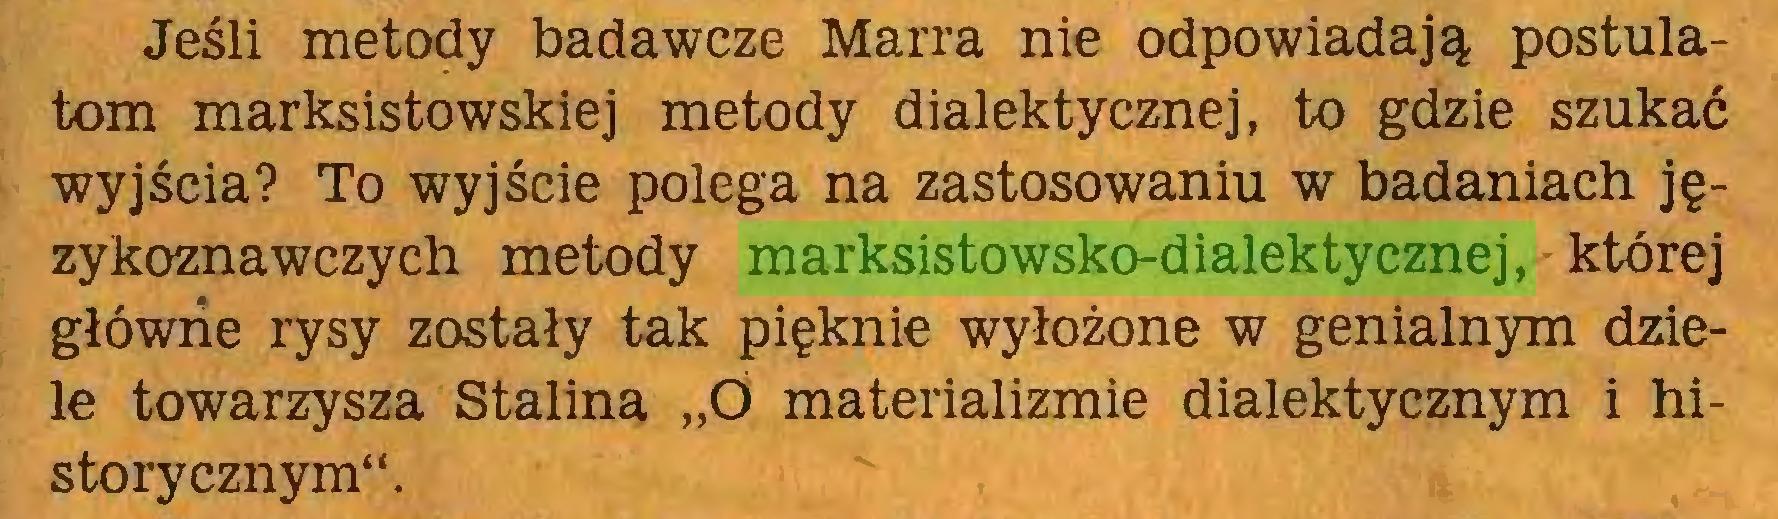 """(...) Jeśli metody badawcze Marra nie odpowiadają postulatom marksistowskiej metody dialektycznej, to gdzie szukać wyjścia? To wyjście polega na zastosowaniu w badaniach językoznawczych metody marksistowsko-dialektycznej, której główne rysy zostały tak pięknie wyłożone w genialnym dziele towarzysza Stalina """"Ó materializmie dialektycznym i historycznym""""..."""